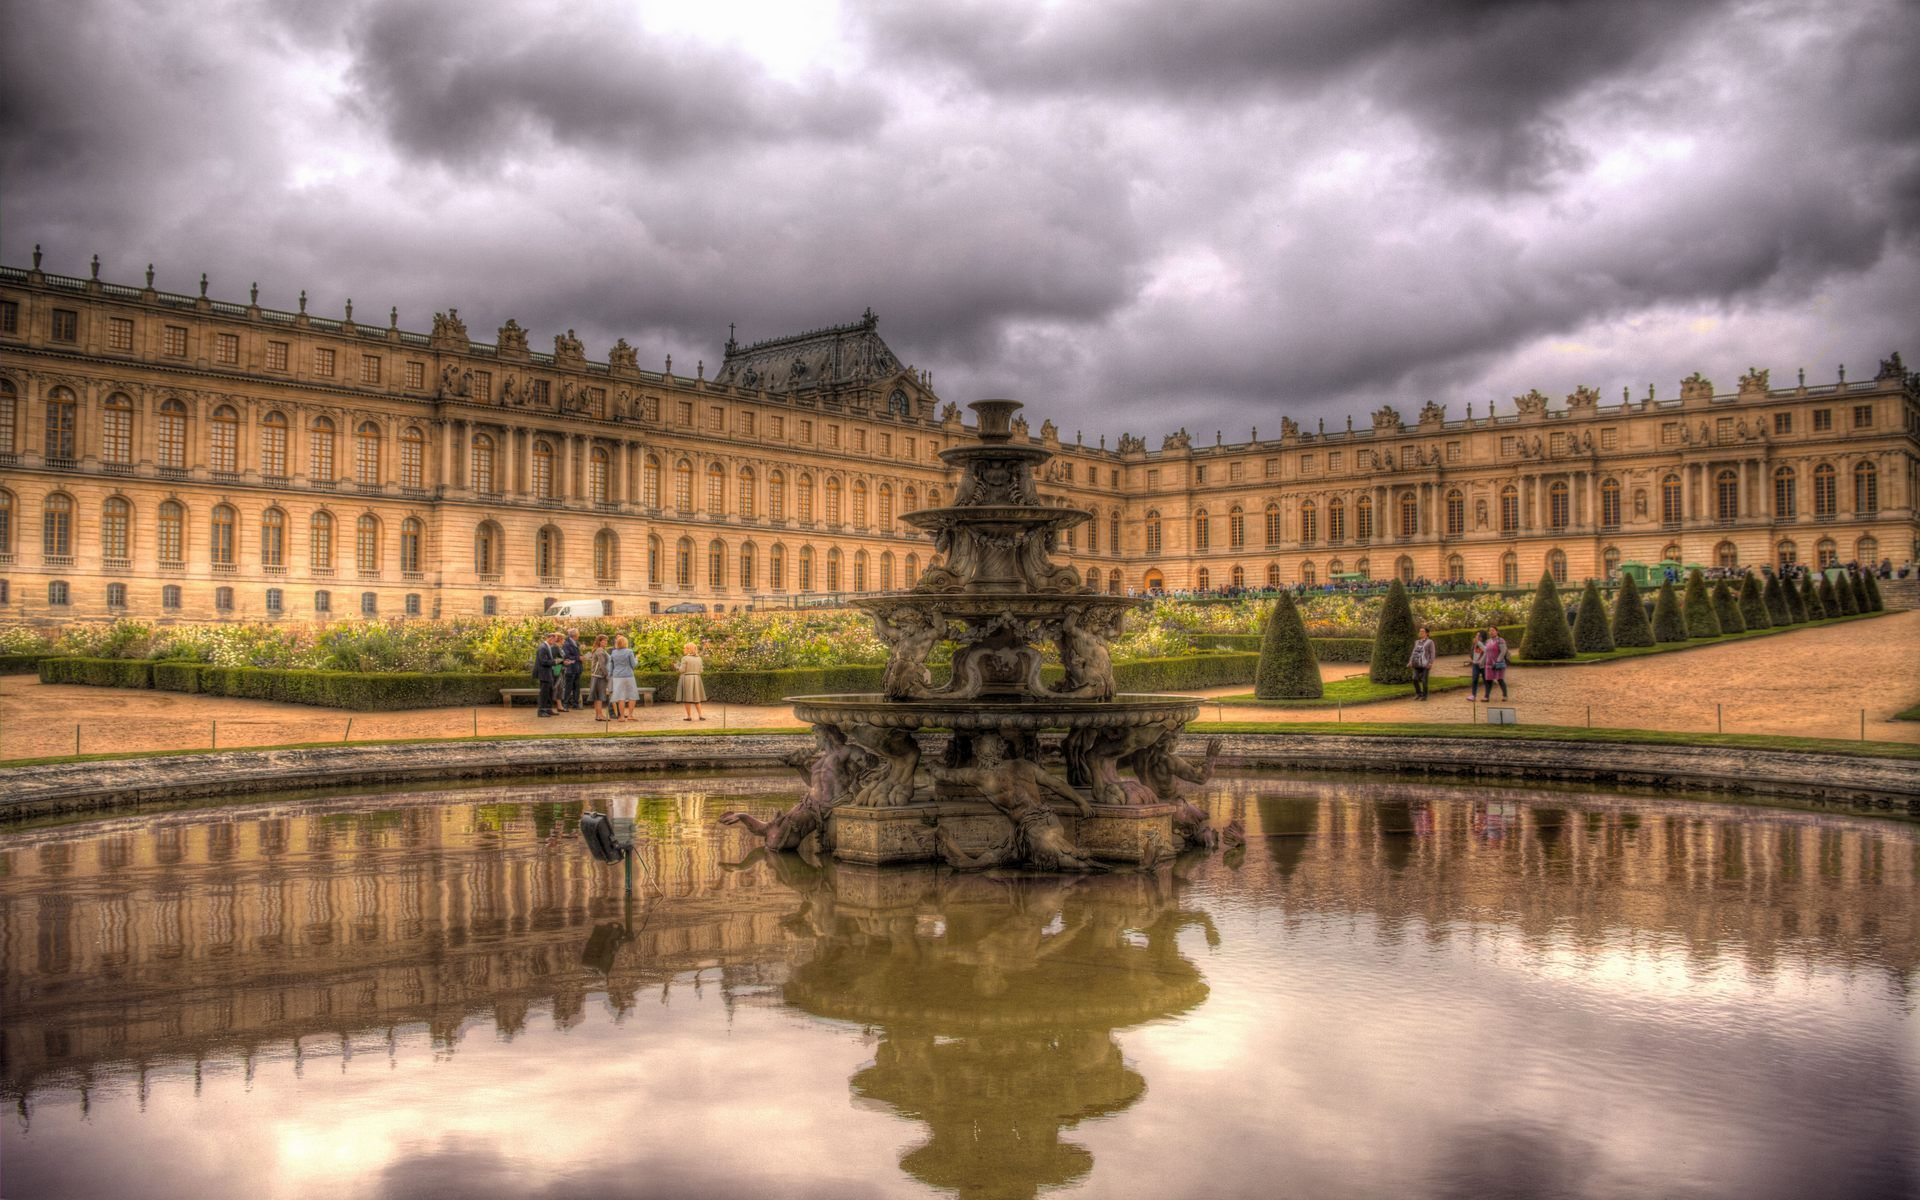 постоянно сказочный сон версаля картинки воздушными шарами